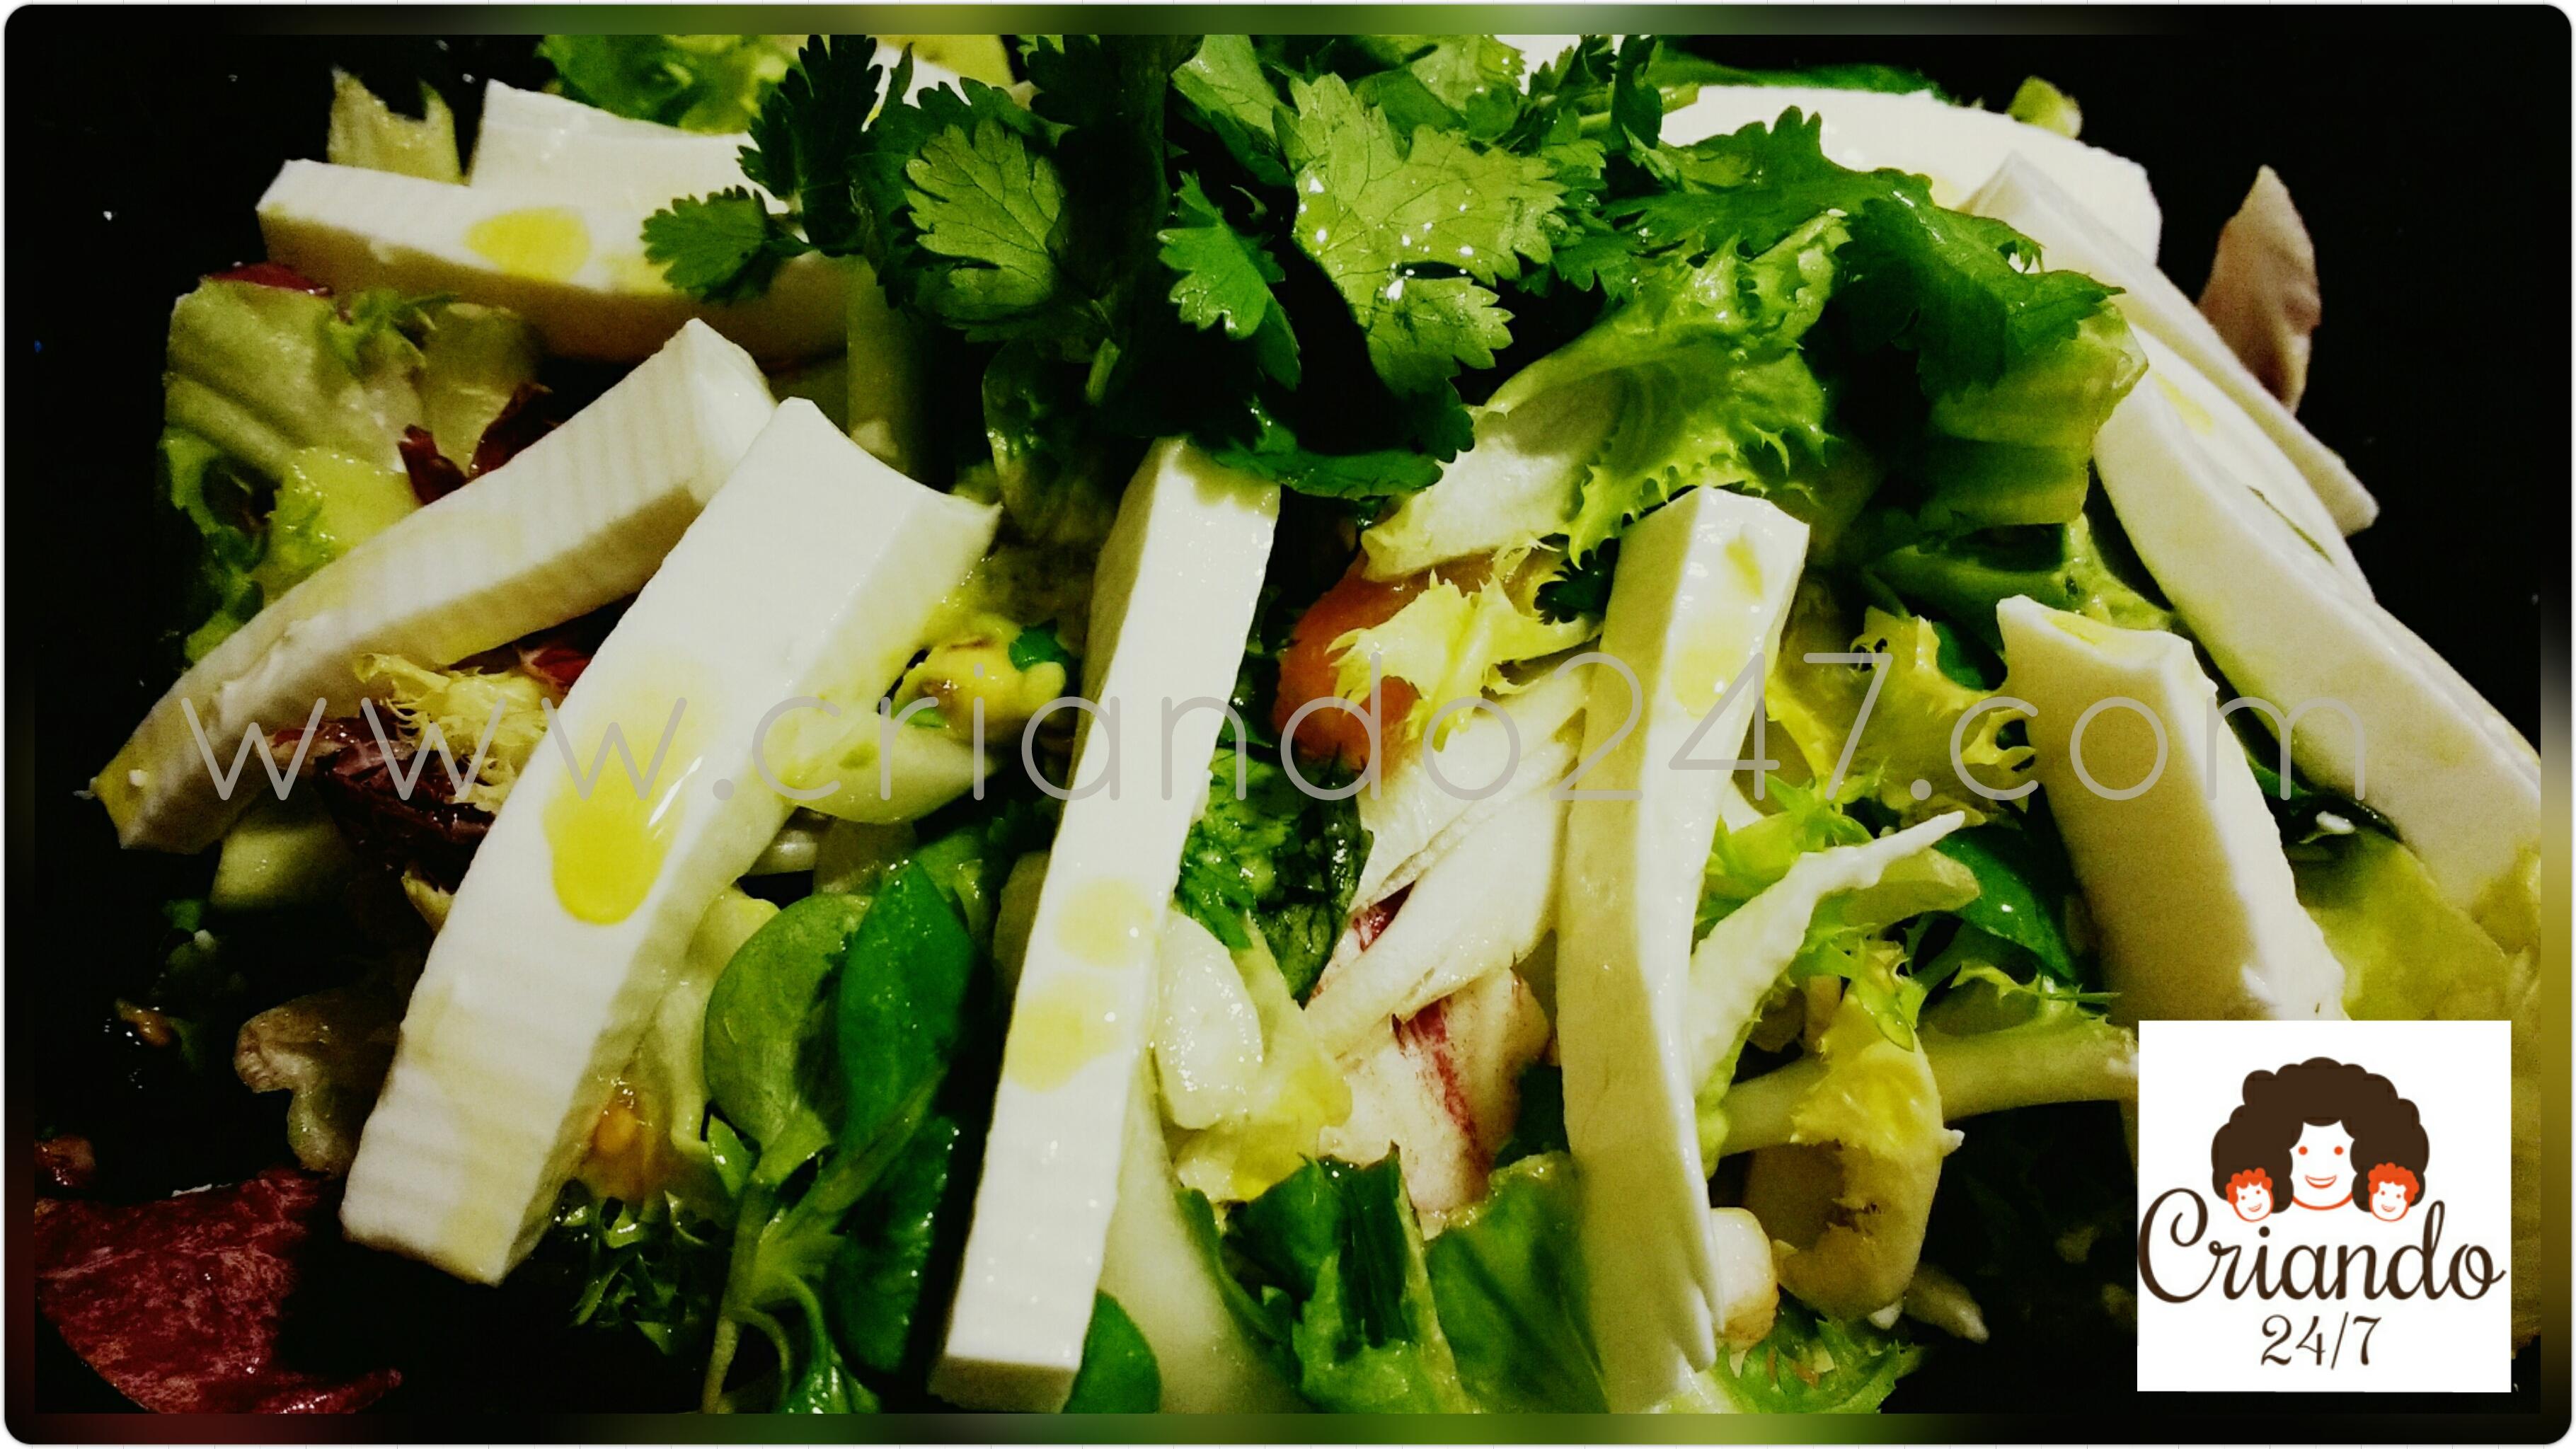 criando247 hoycomemos ensalada clarp.2